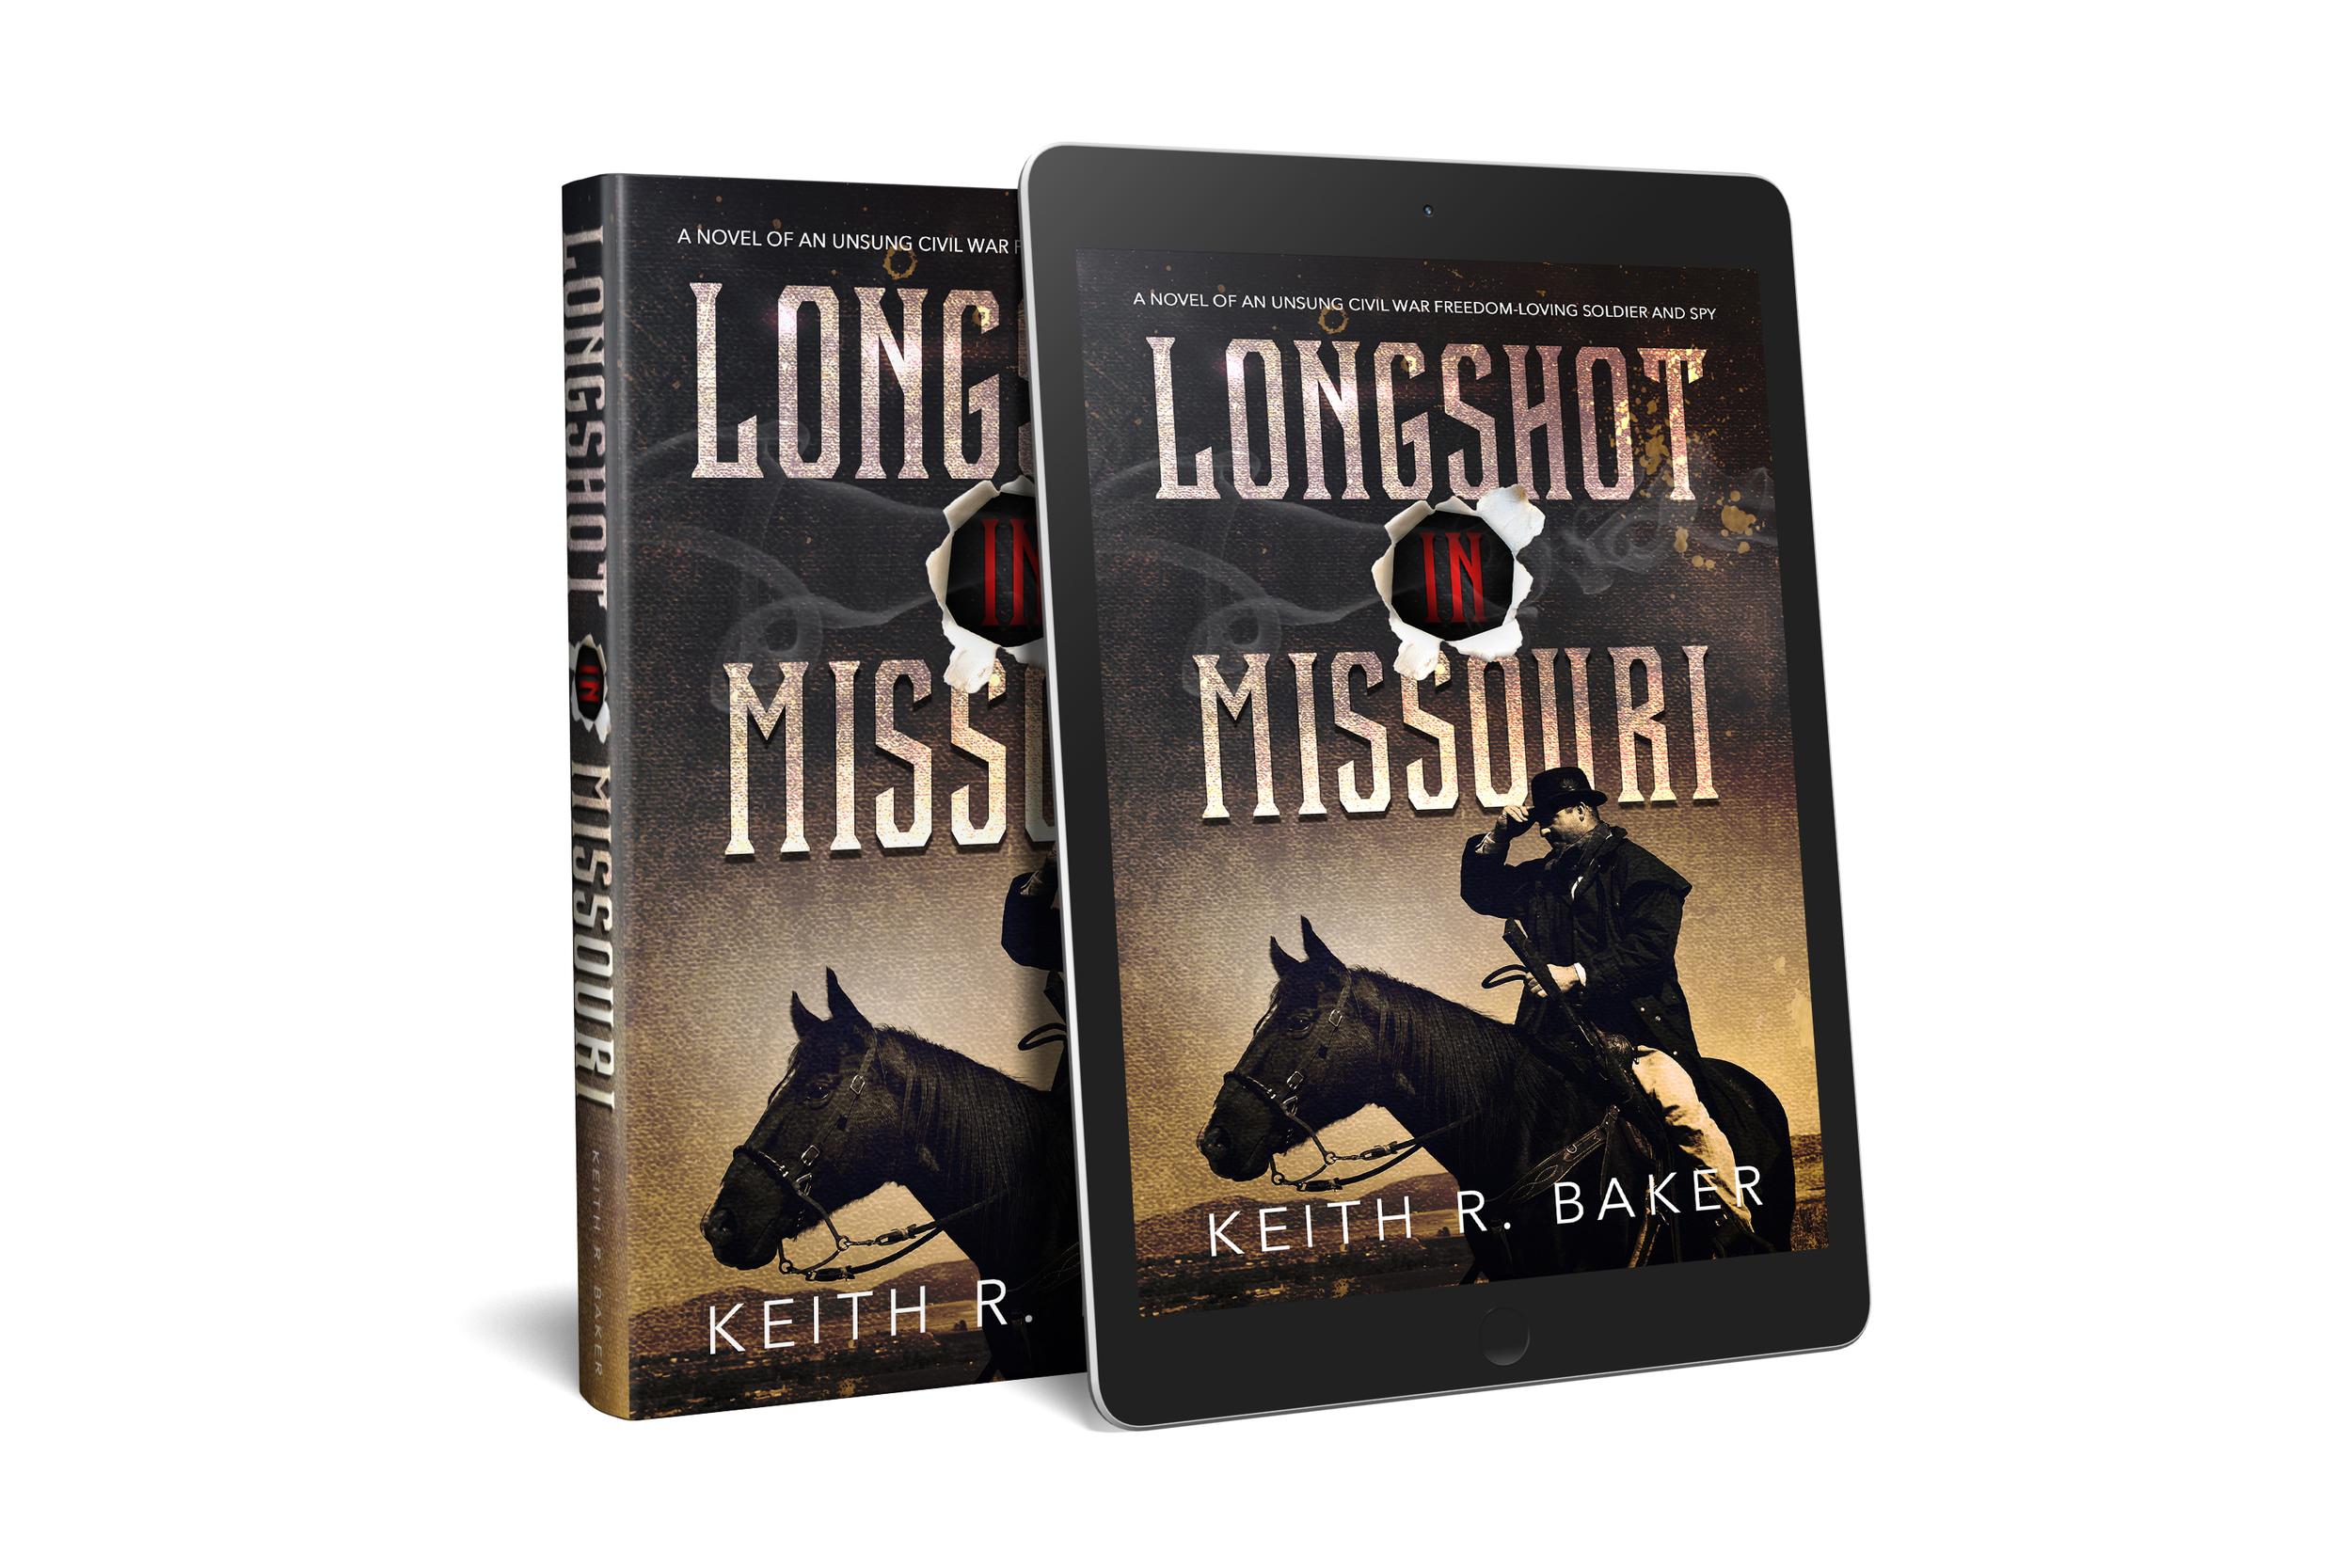 Longshot in Missouri by Keith R. Baker